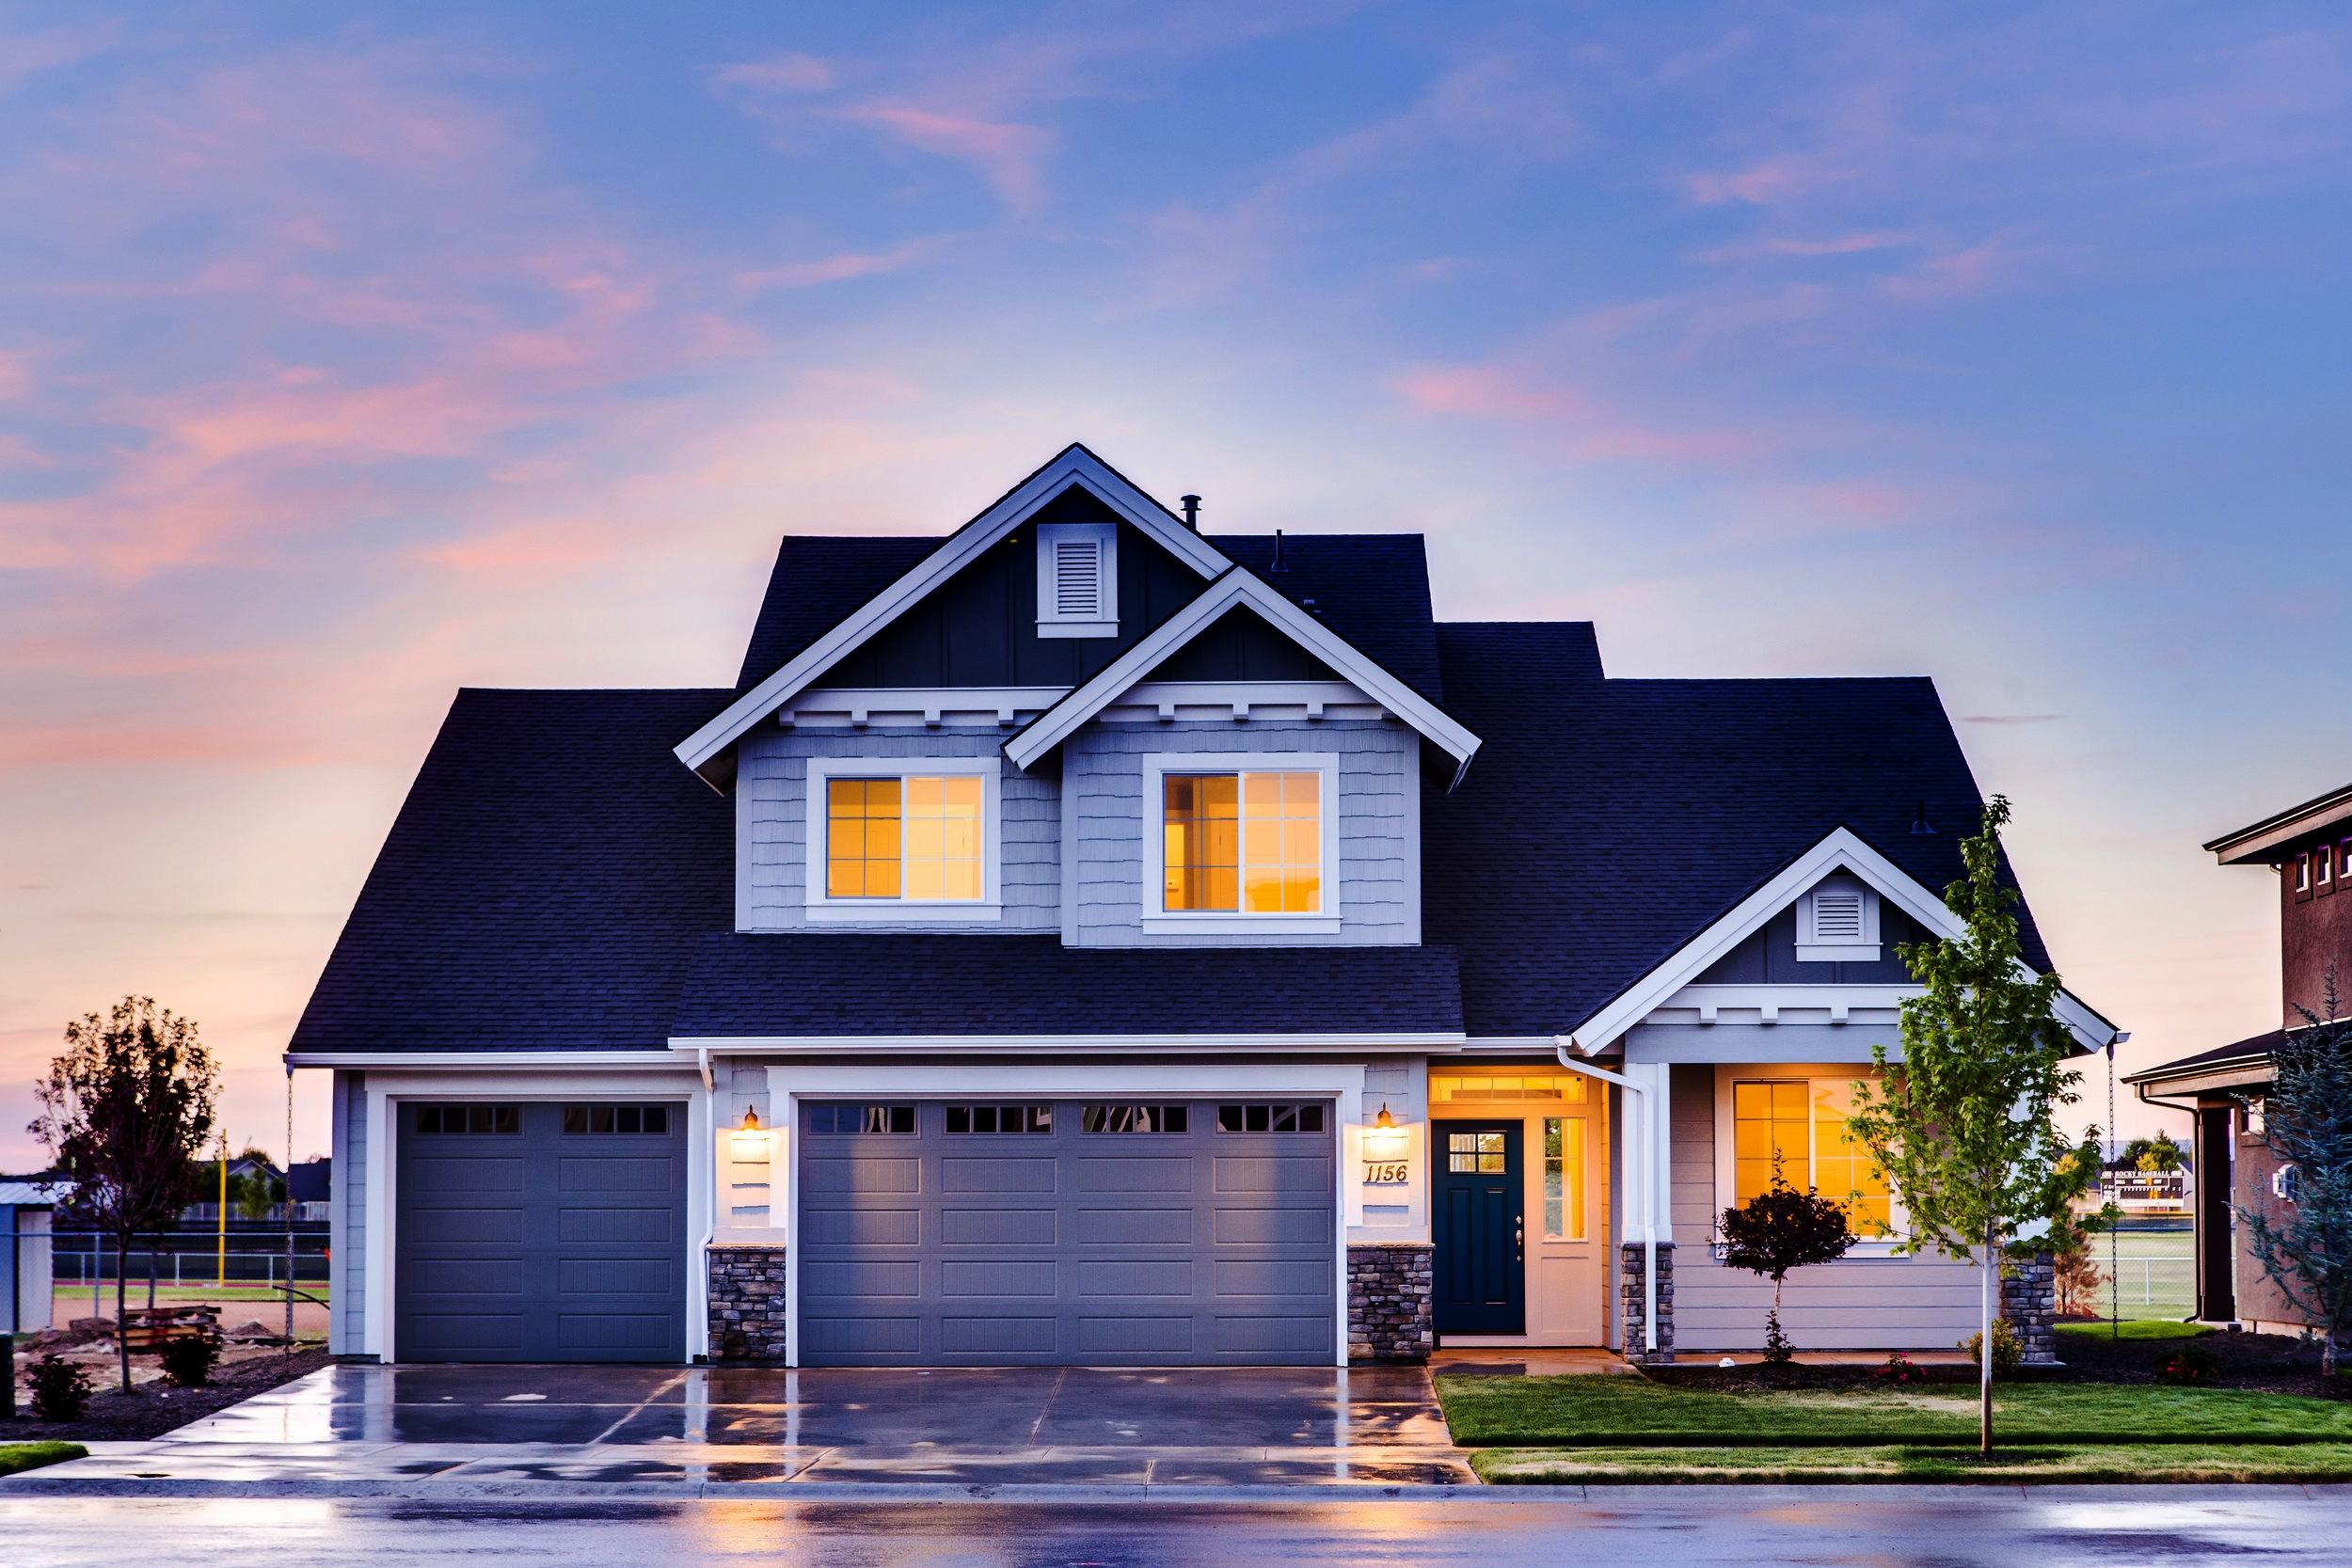 image garage overhead online door vernon doors mt graves residential commercial of design ohd center